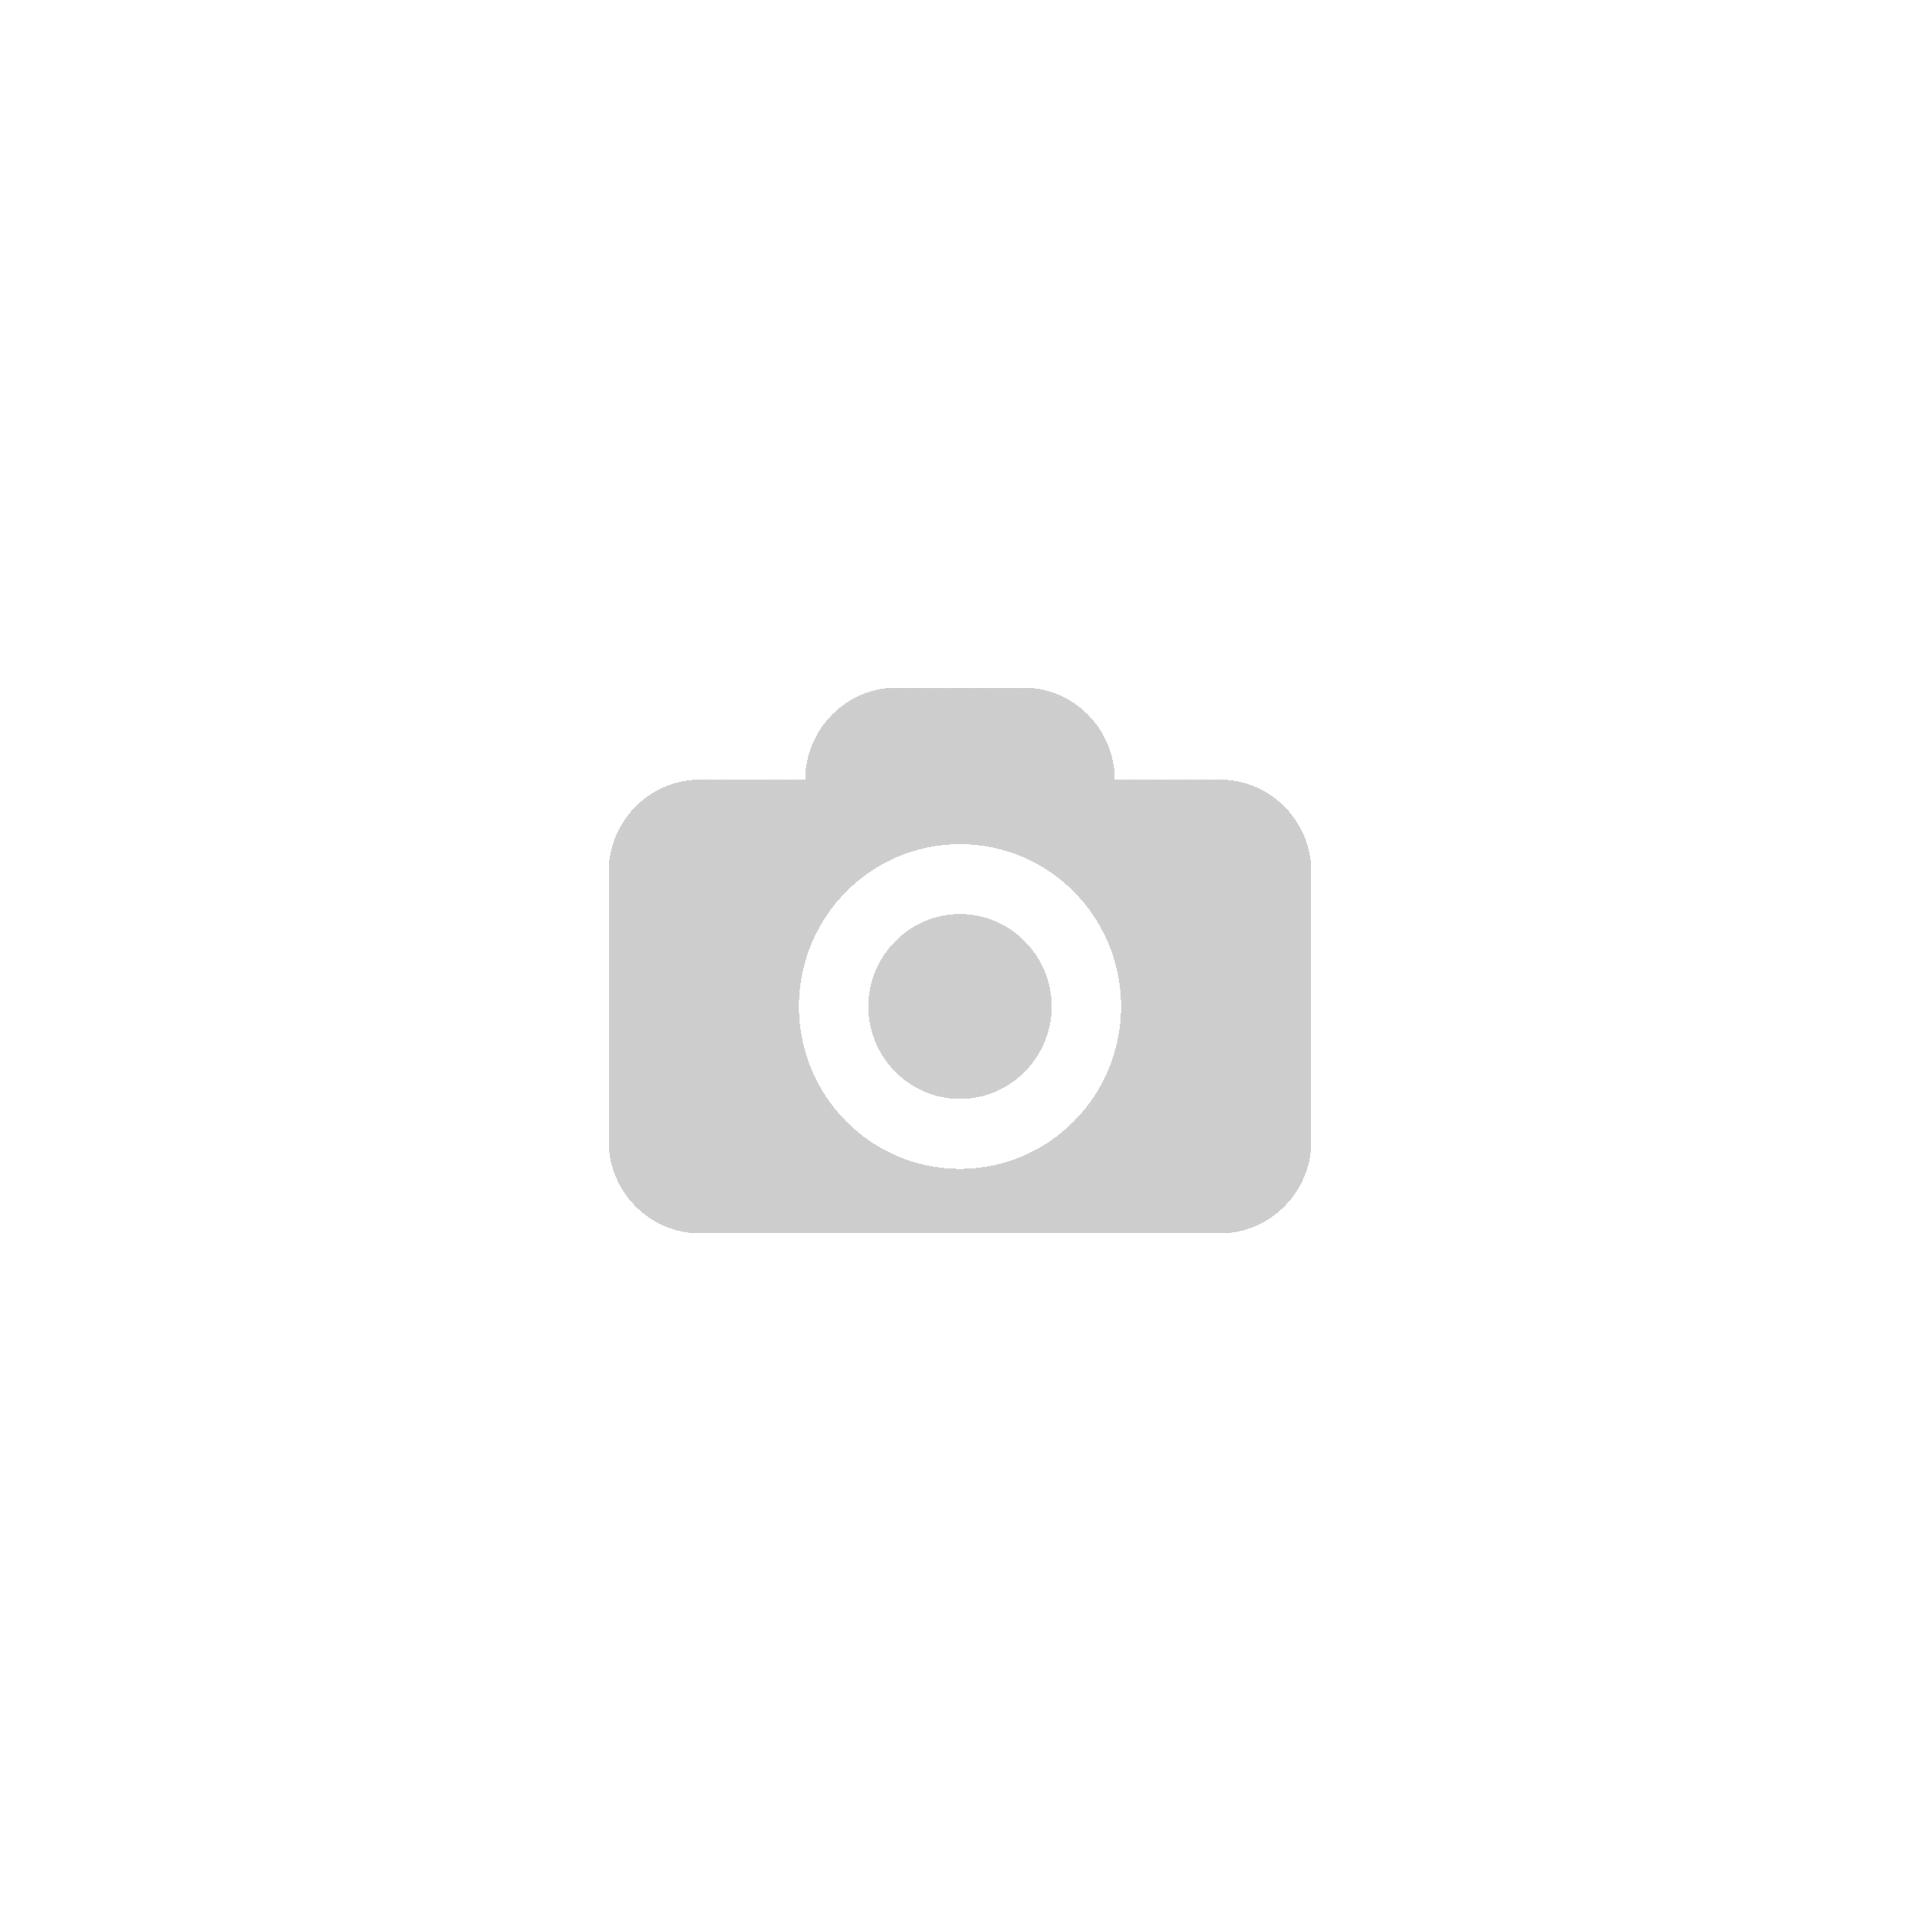 Fischer FIS SB 390 S HIGH SPEED injektáló ragasztó, 390 ml 2 db FIS MR keverőszárral